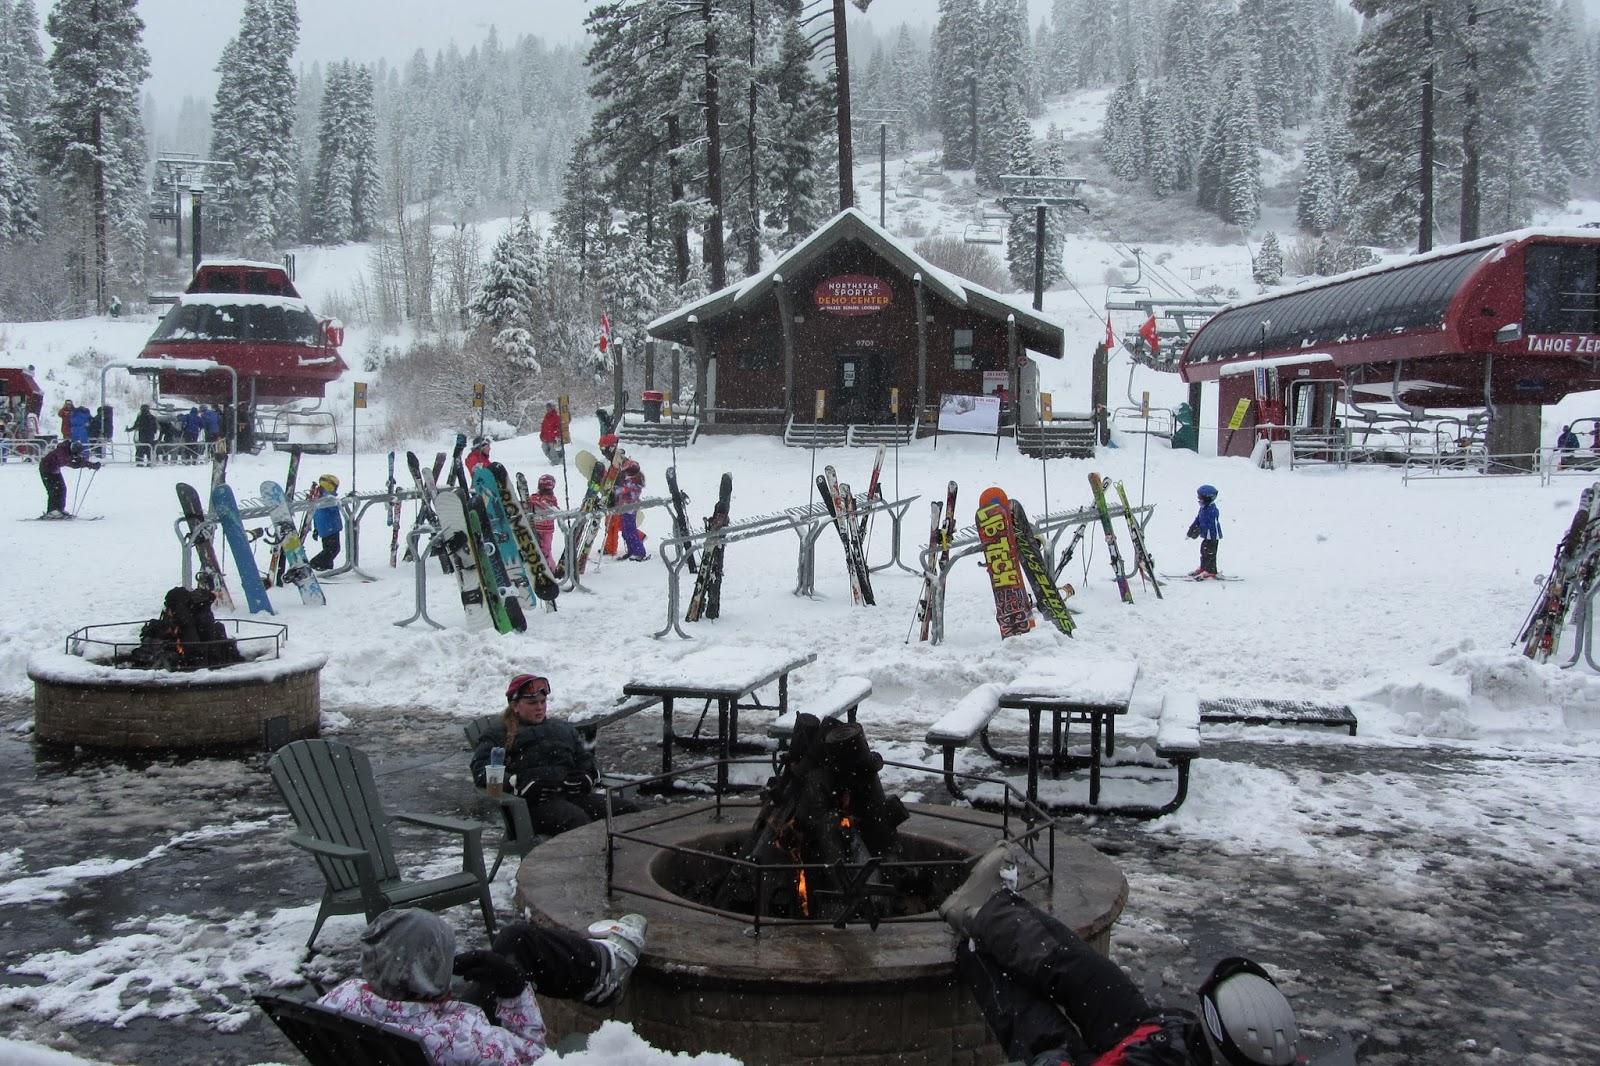 Snowboarder dies at Heavenly Lake Tahoe